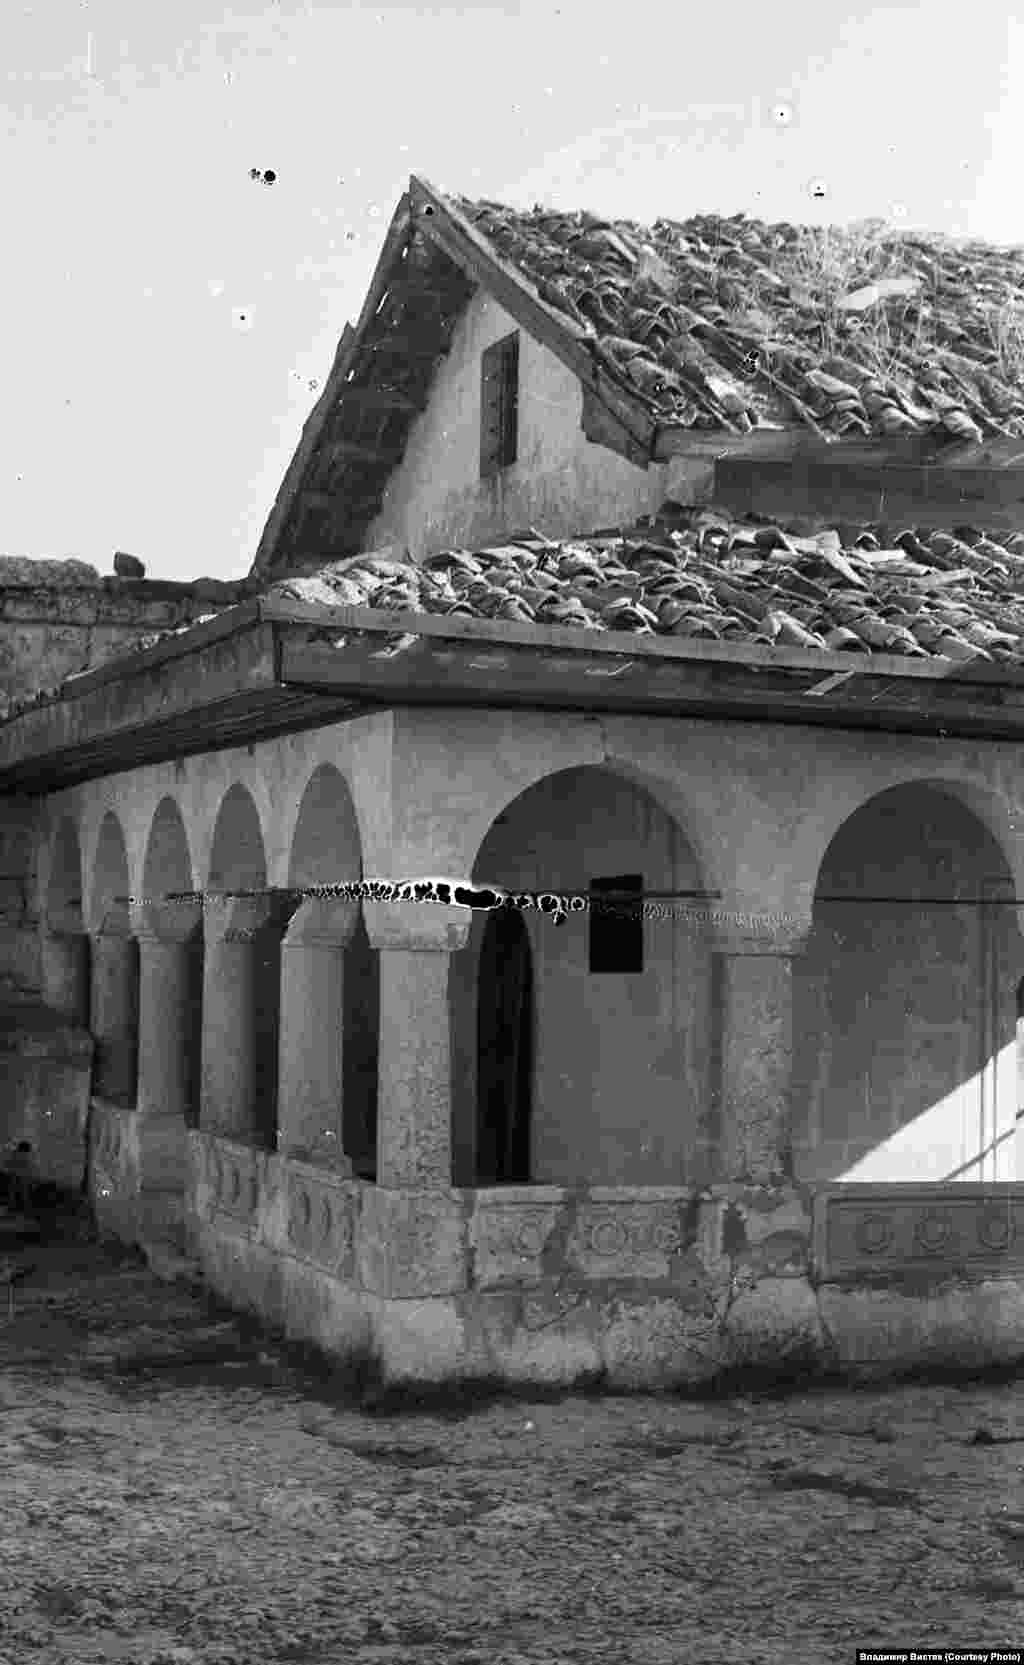 Караимы – один из коренных народов Крыма. По языку, фольклору, бытовым обычаям и образу жизни они похожи на тюркские народы, но традиционно они исповедовали караизм – религию, основанную на Ветхом Завете